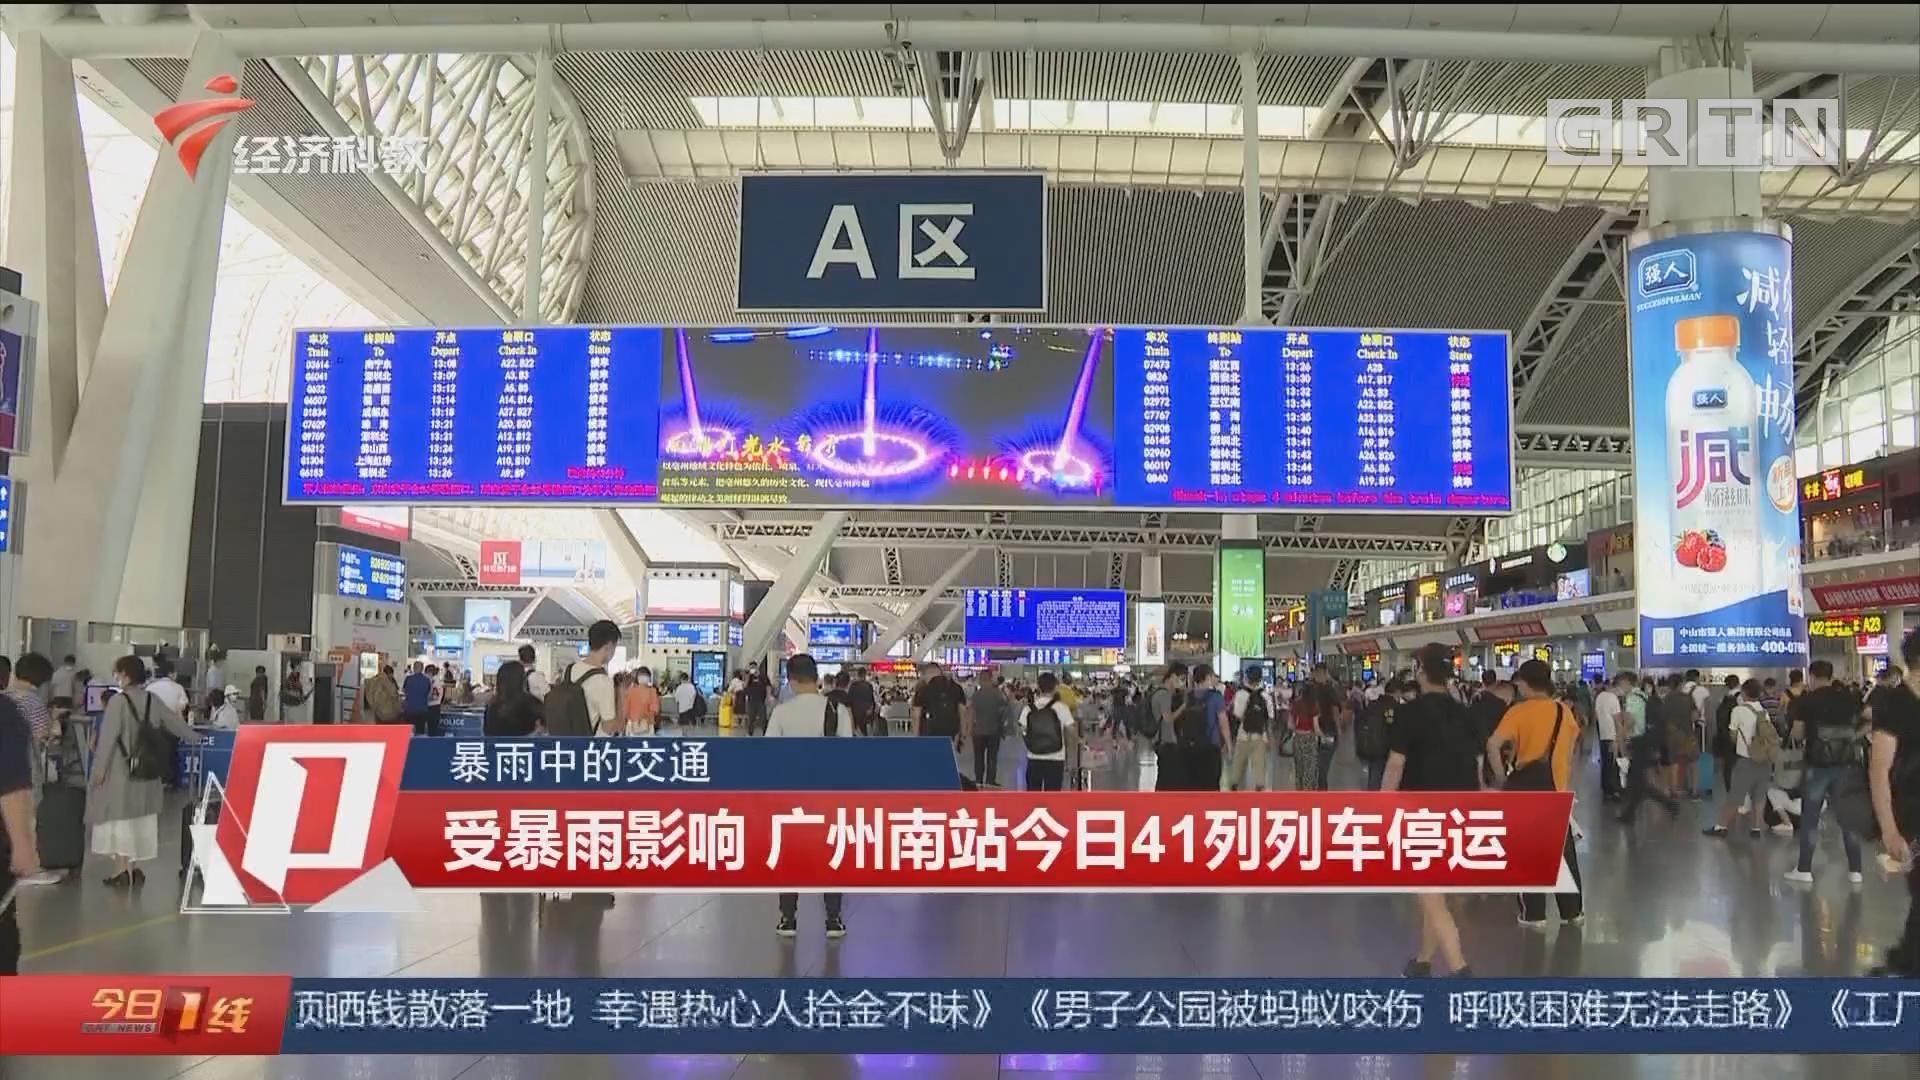 暴雨中的交通:受暴雨影响 广州南站今日41列列车停运